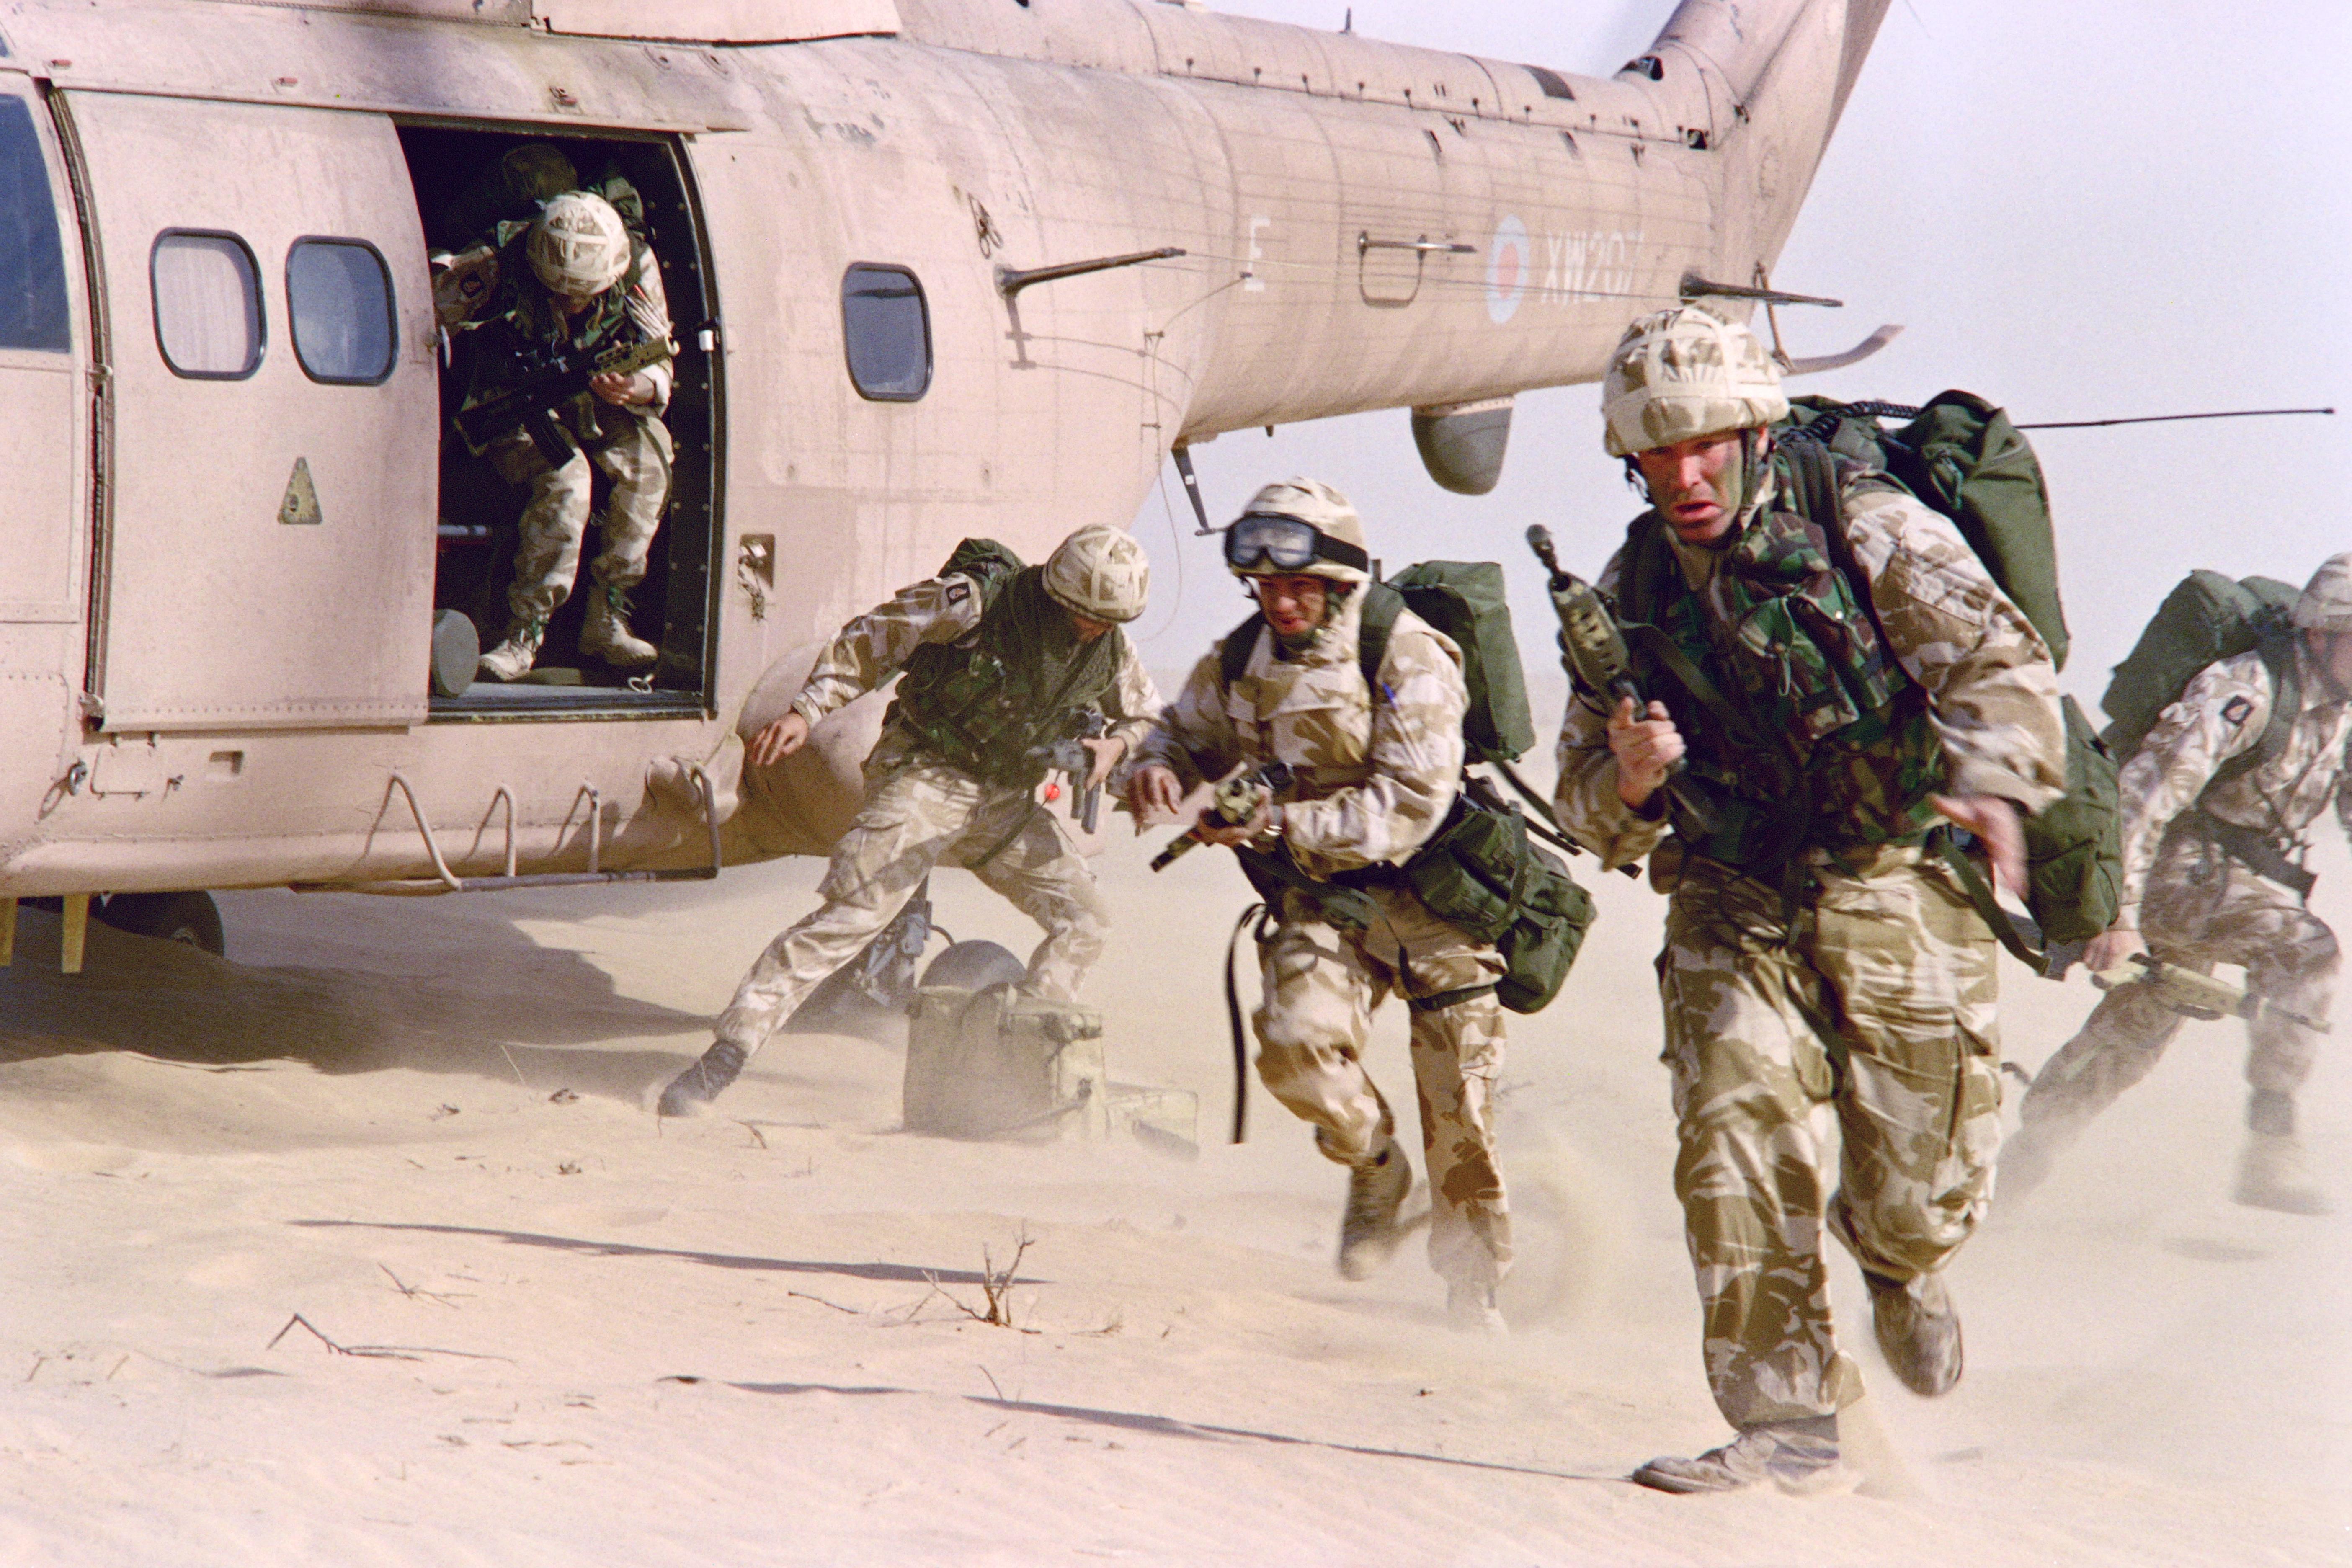 Hatalmas összegeket költött egy év alatt a világ katonai kiadásokra